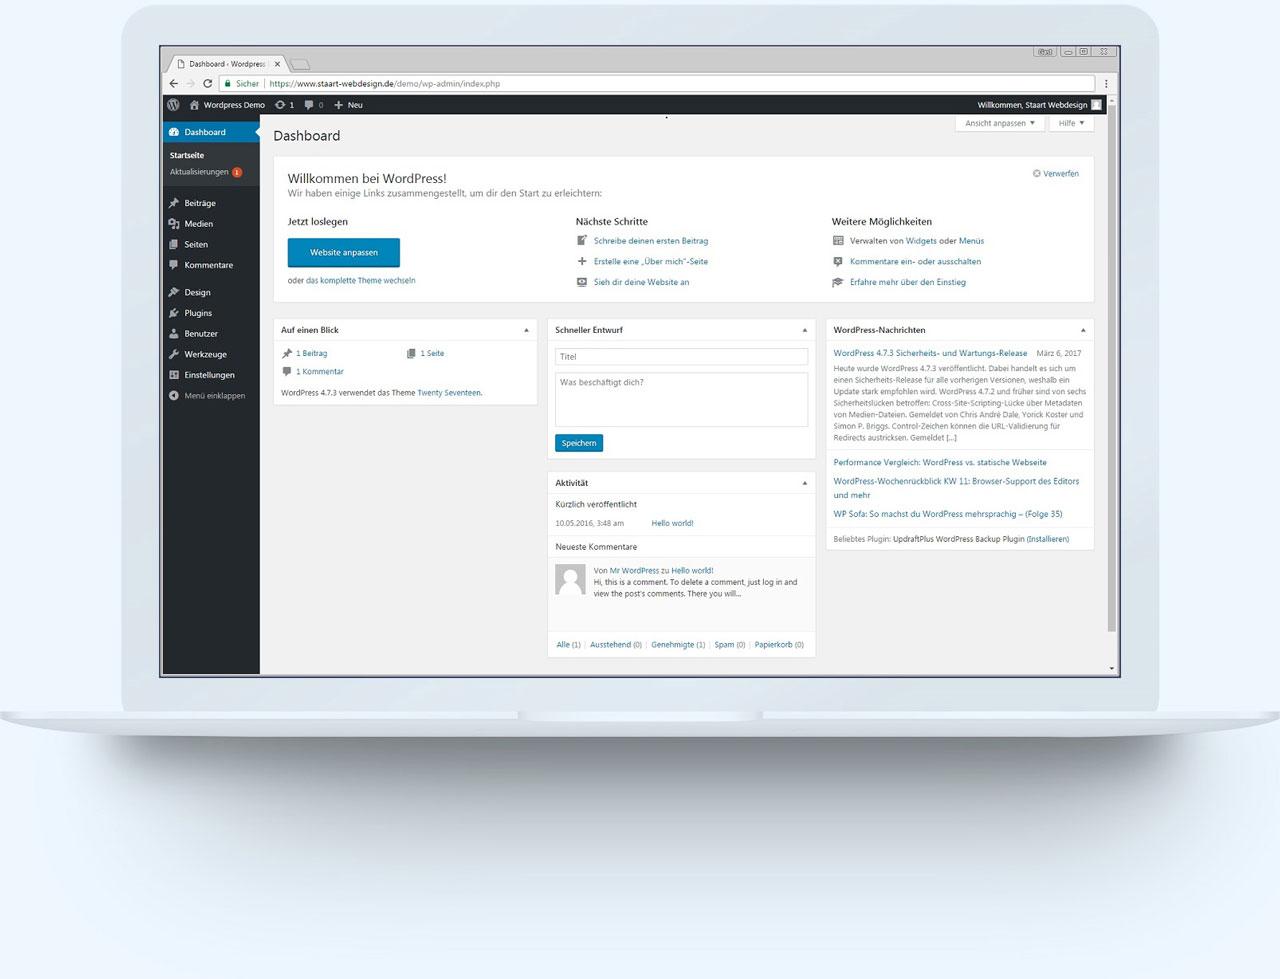 WordPress Backend auf dem Laptop